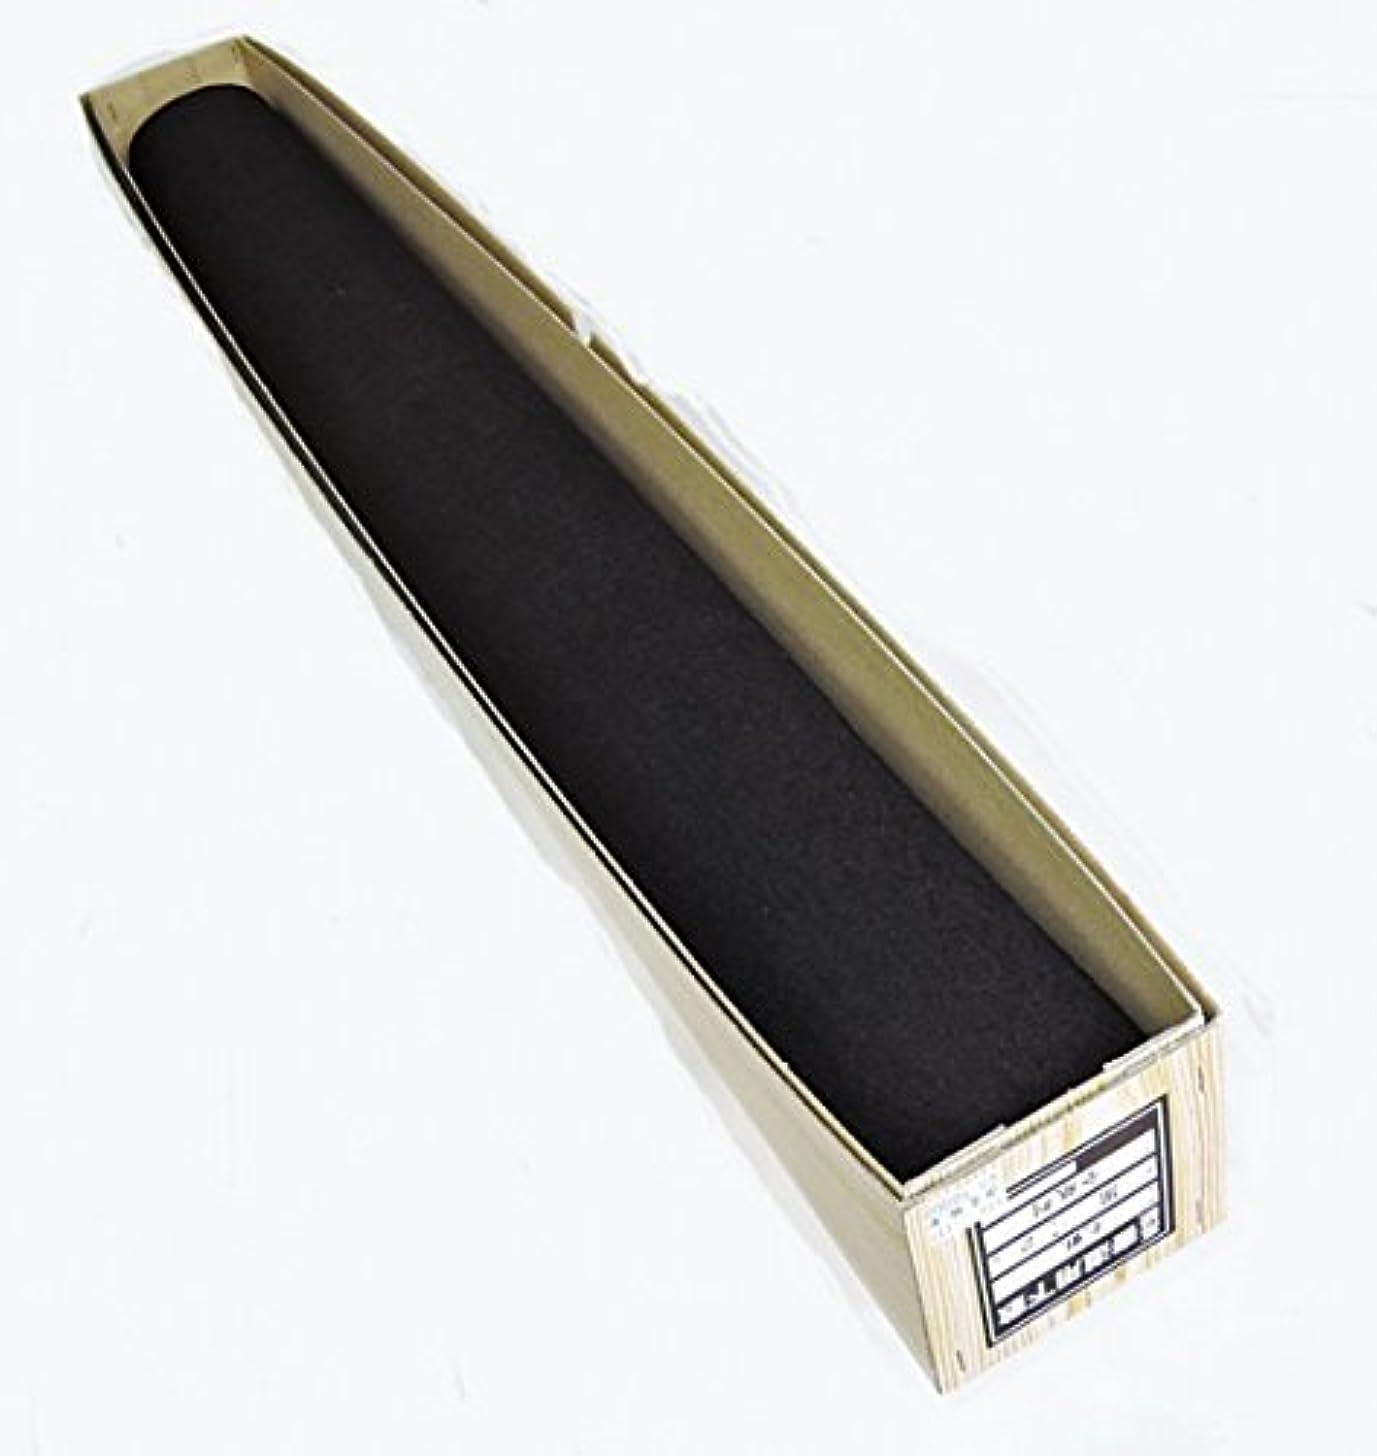 不合格エンジニアリングヒギンズ書道下敷き 毛氈(もうせん) 3mm厚 聯落用(90x250cm) 黒